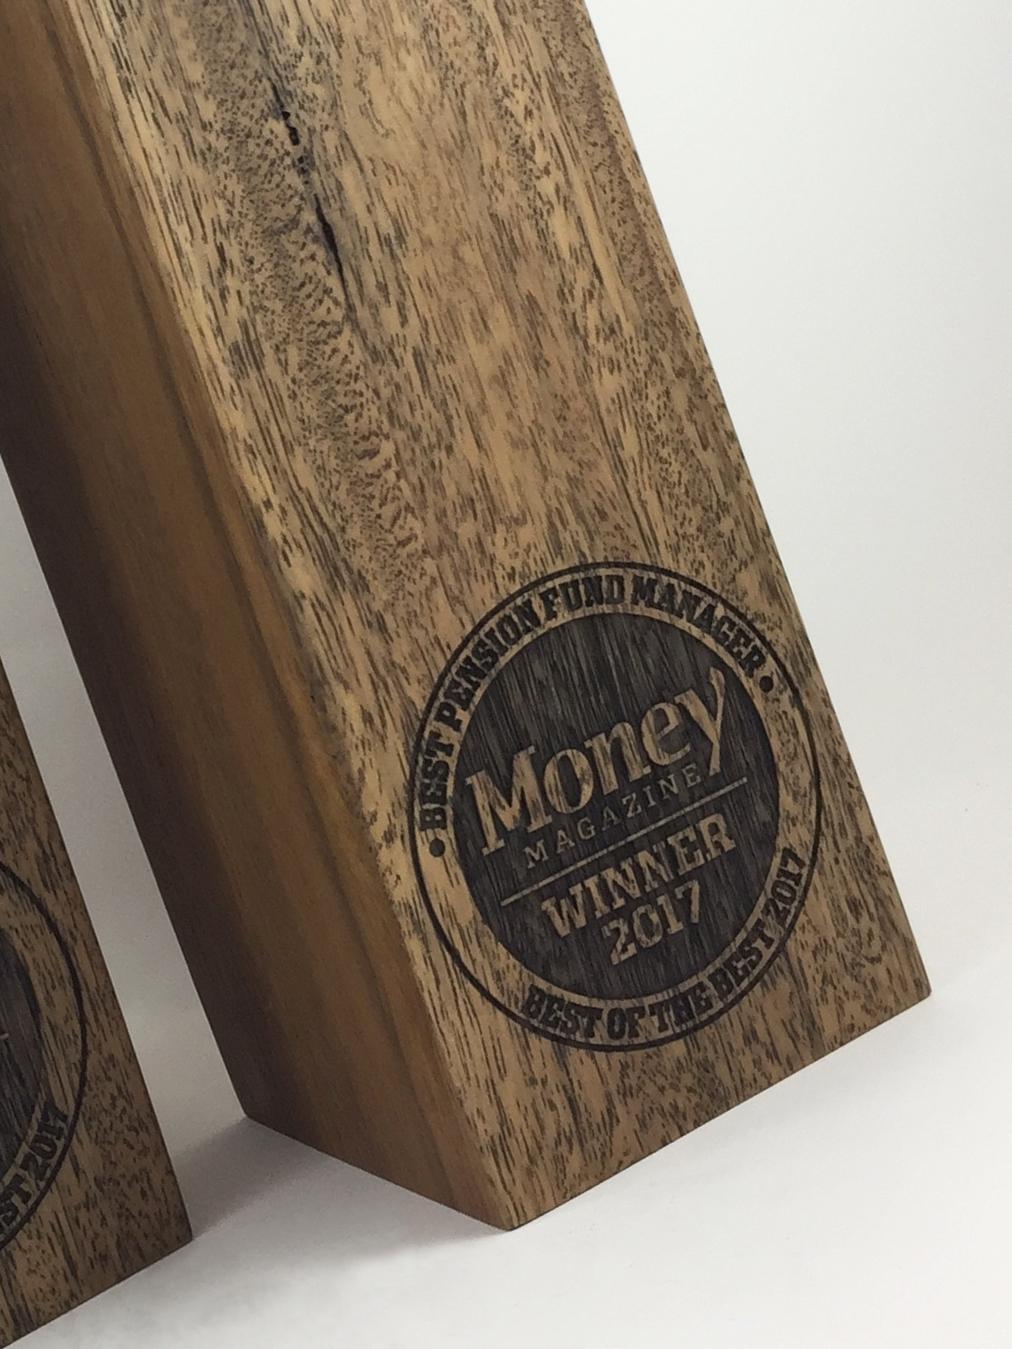 money-magazine-eco-timber-engraved-award-trophy-03.jpg